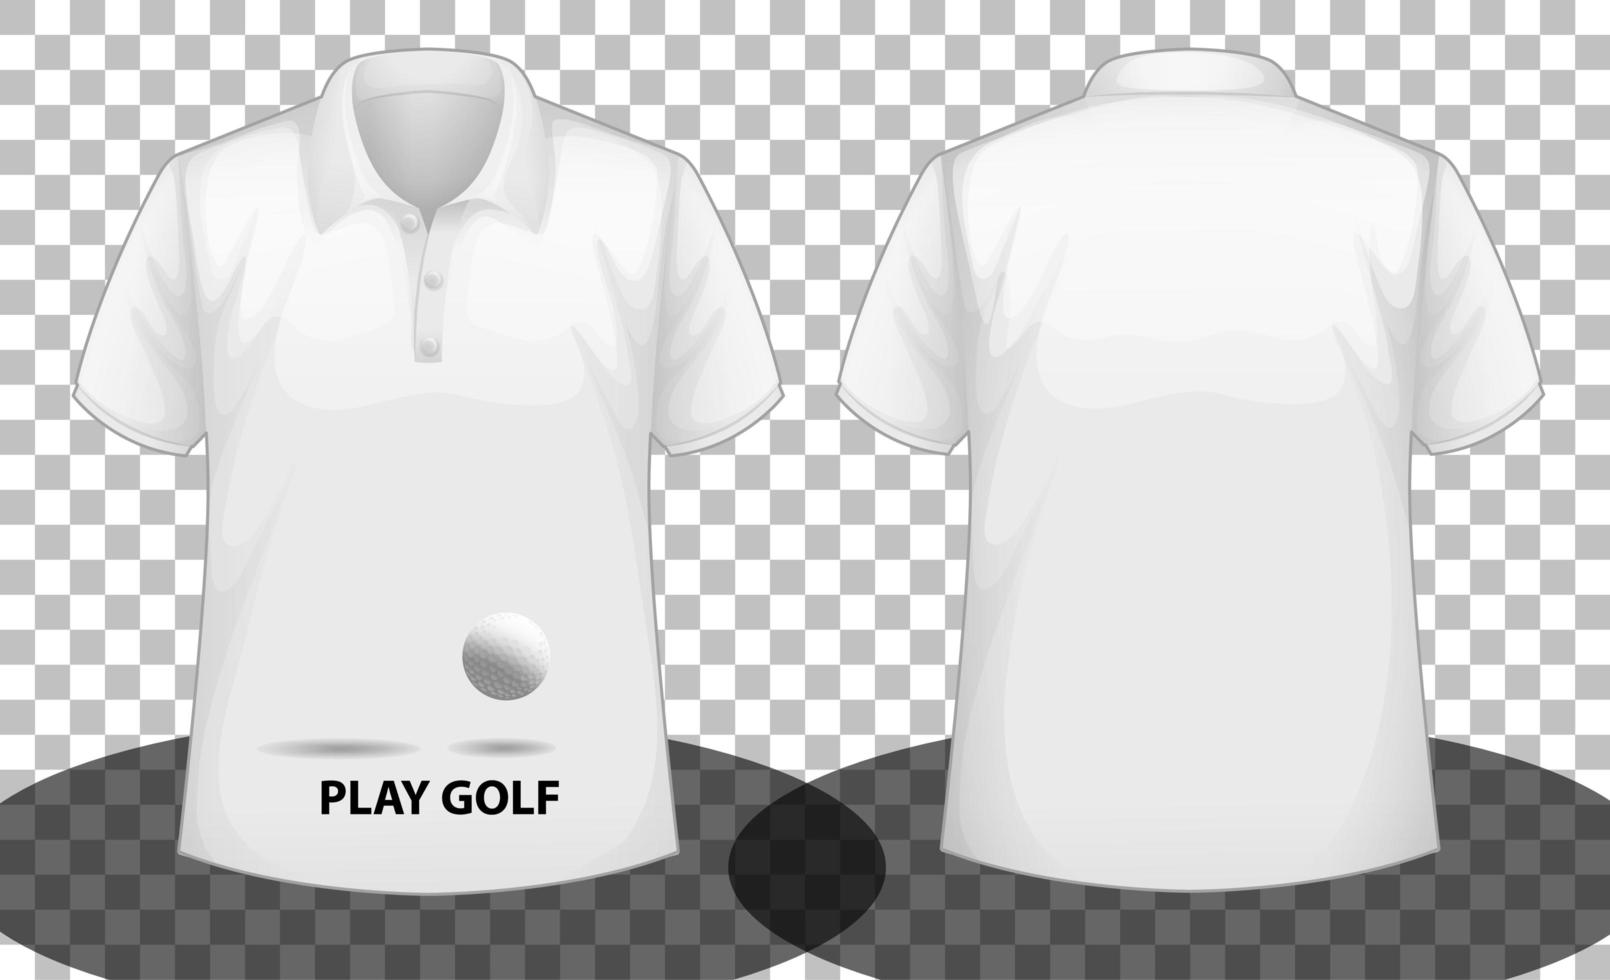 weißes Poloshirt mit kurzen Ärmeln und Spielgolf-Logo auf Vorder- und Rückseite vektor